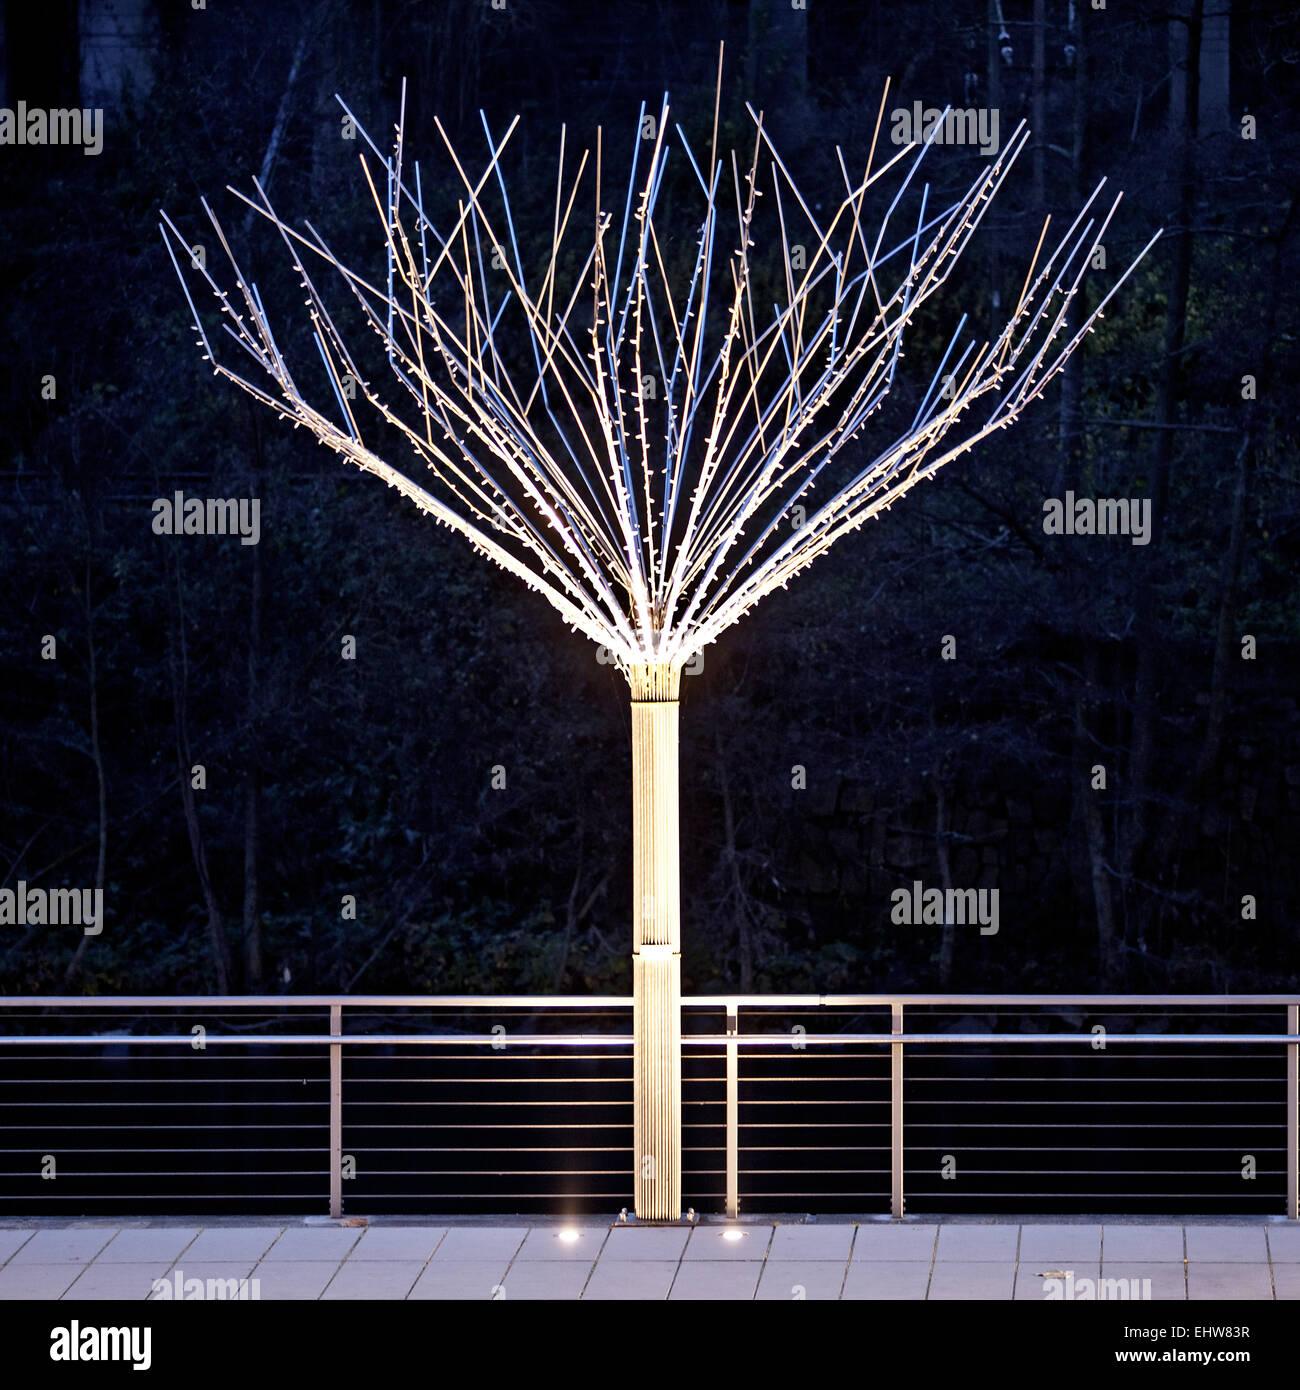 Einer der beleuchteten Baum aus Metall in Altena Stockbild